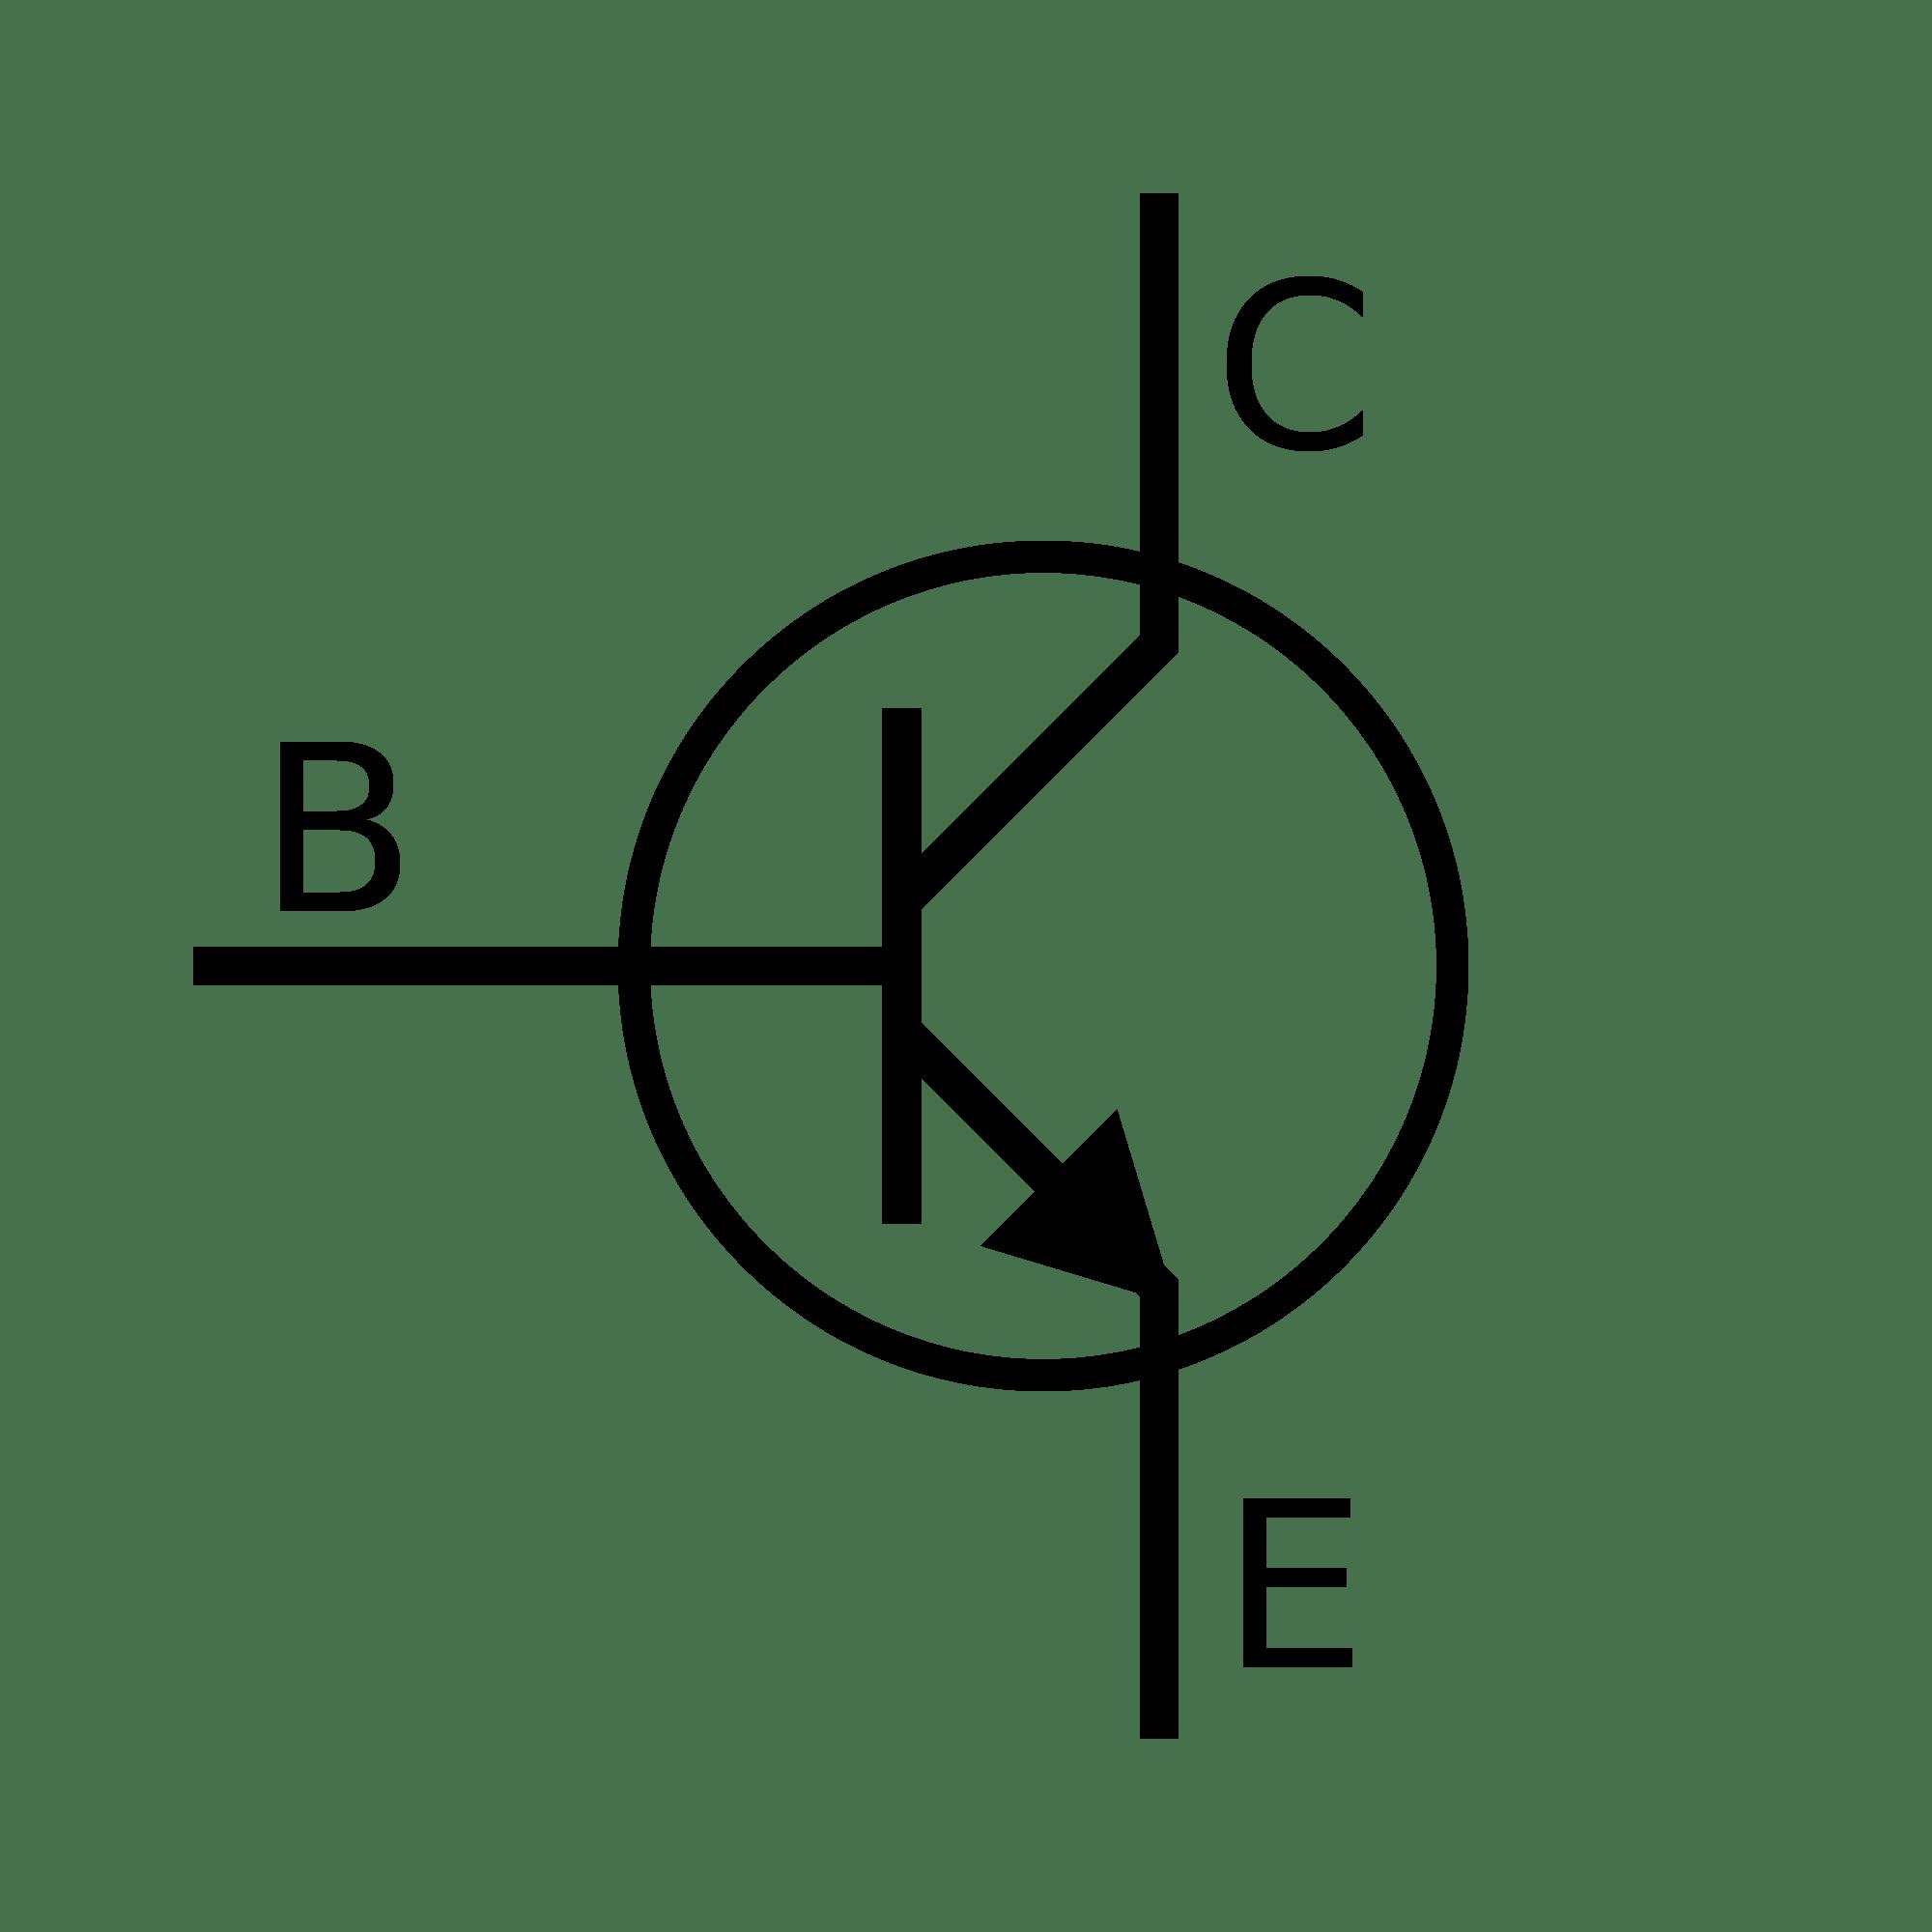 Npn Transistor Symbol